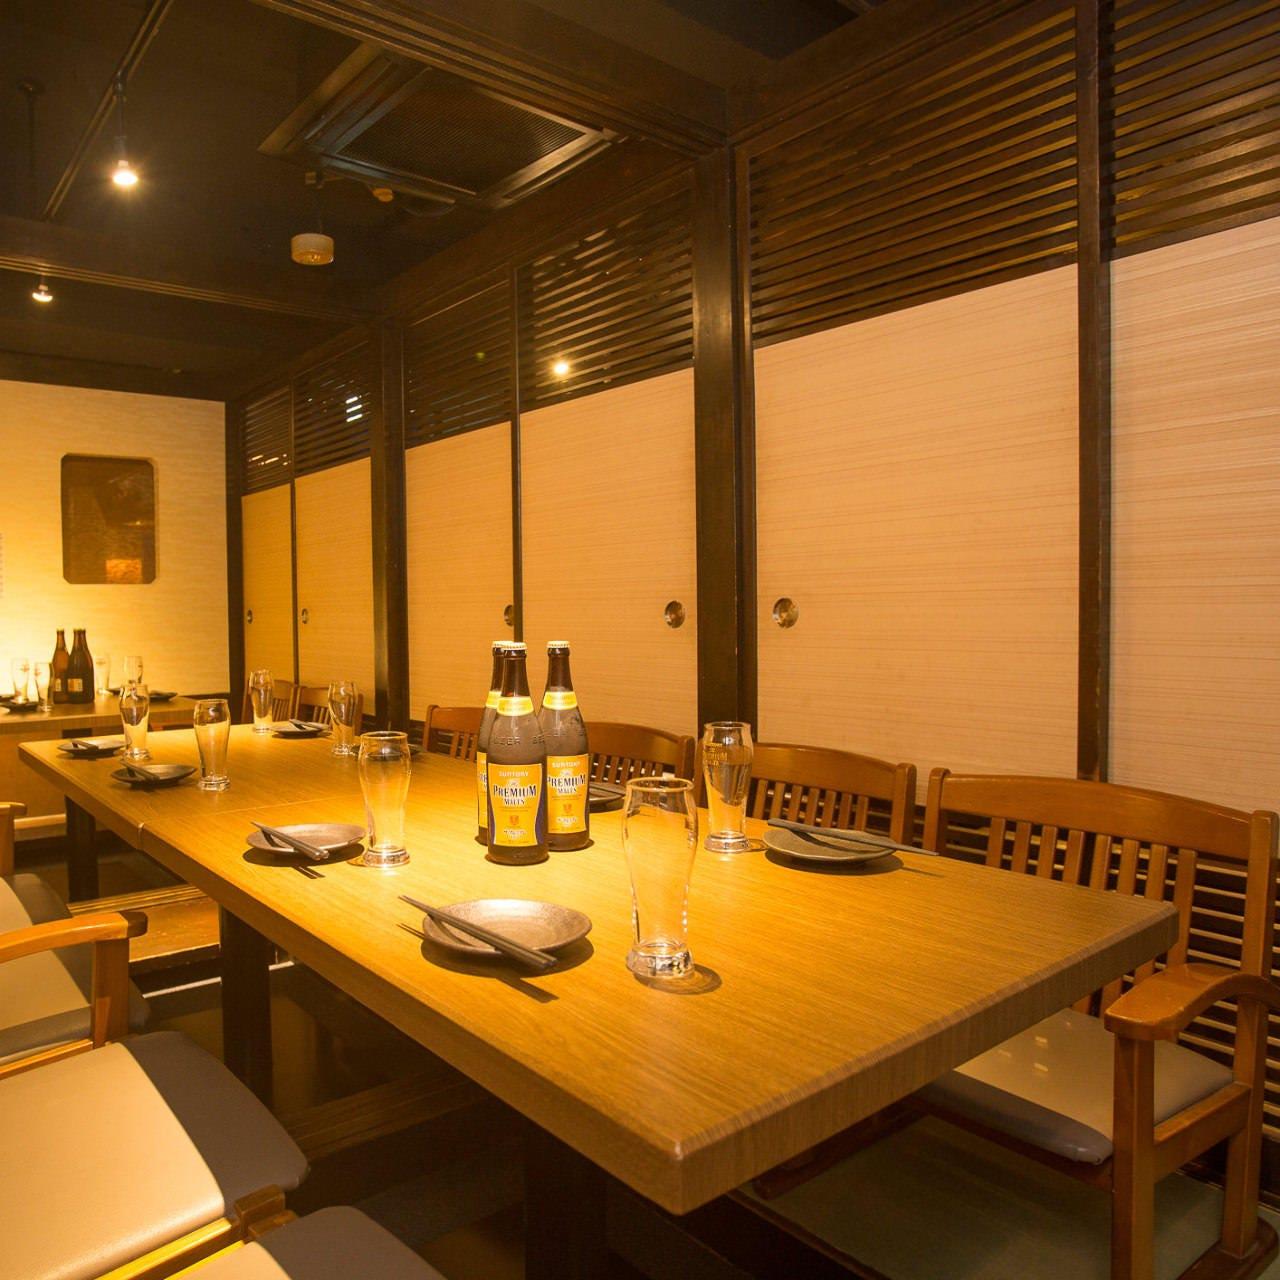 新宿_豚○商店 AISHI(とんまるしょうてん あいし) 新宿総本店_写真3